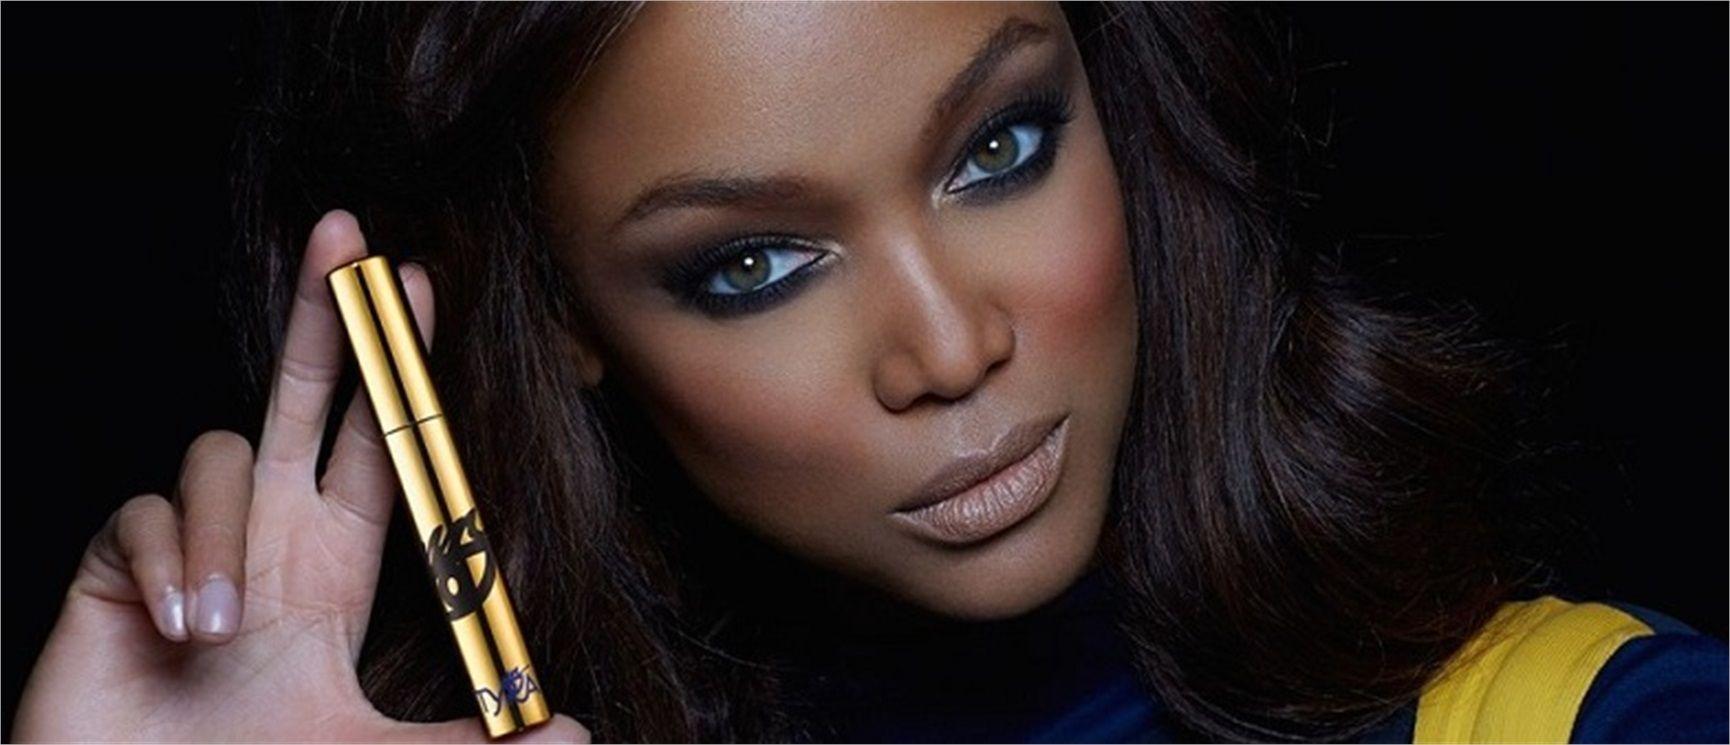 TYRA Beauty by Tyra Banks Supermodel Tyra Banks as